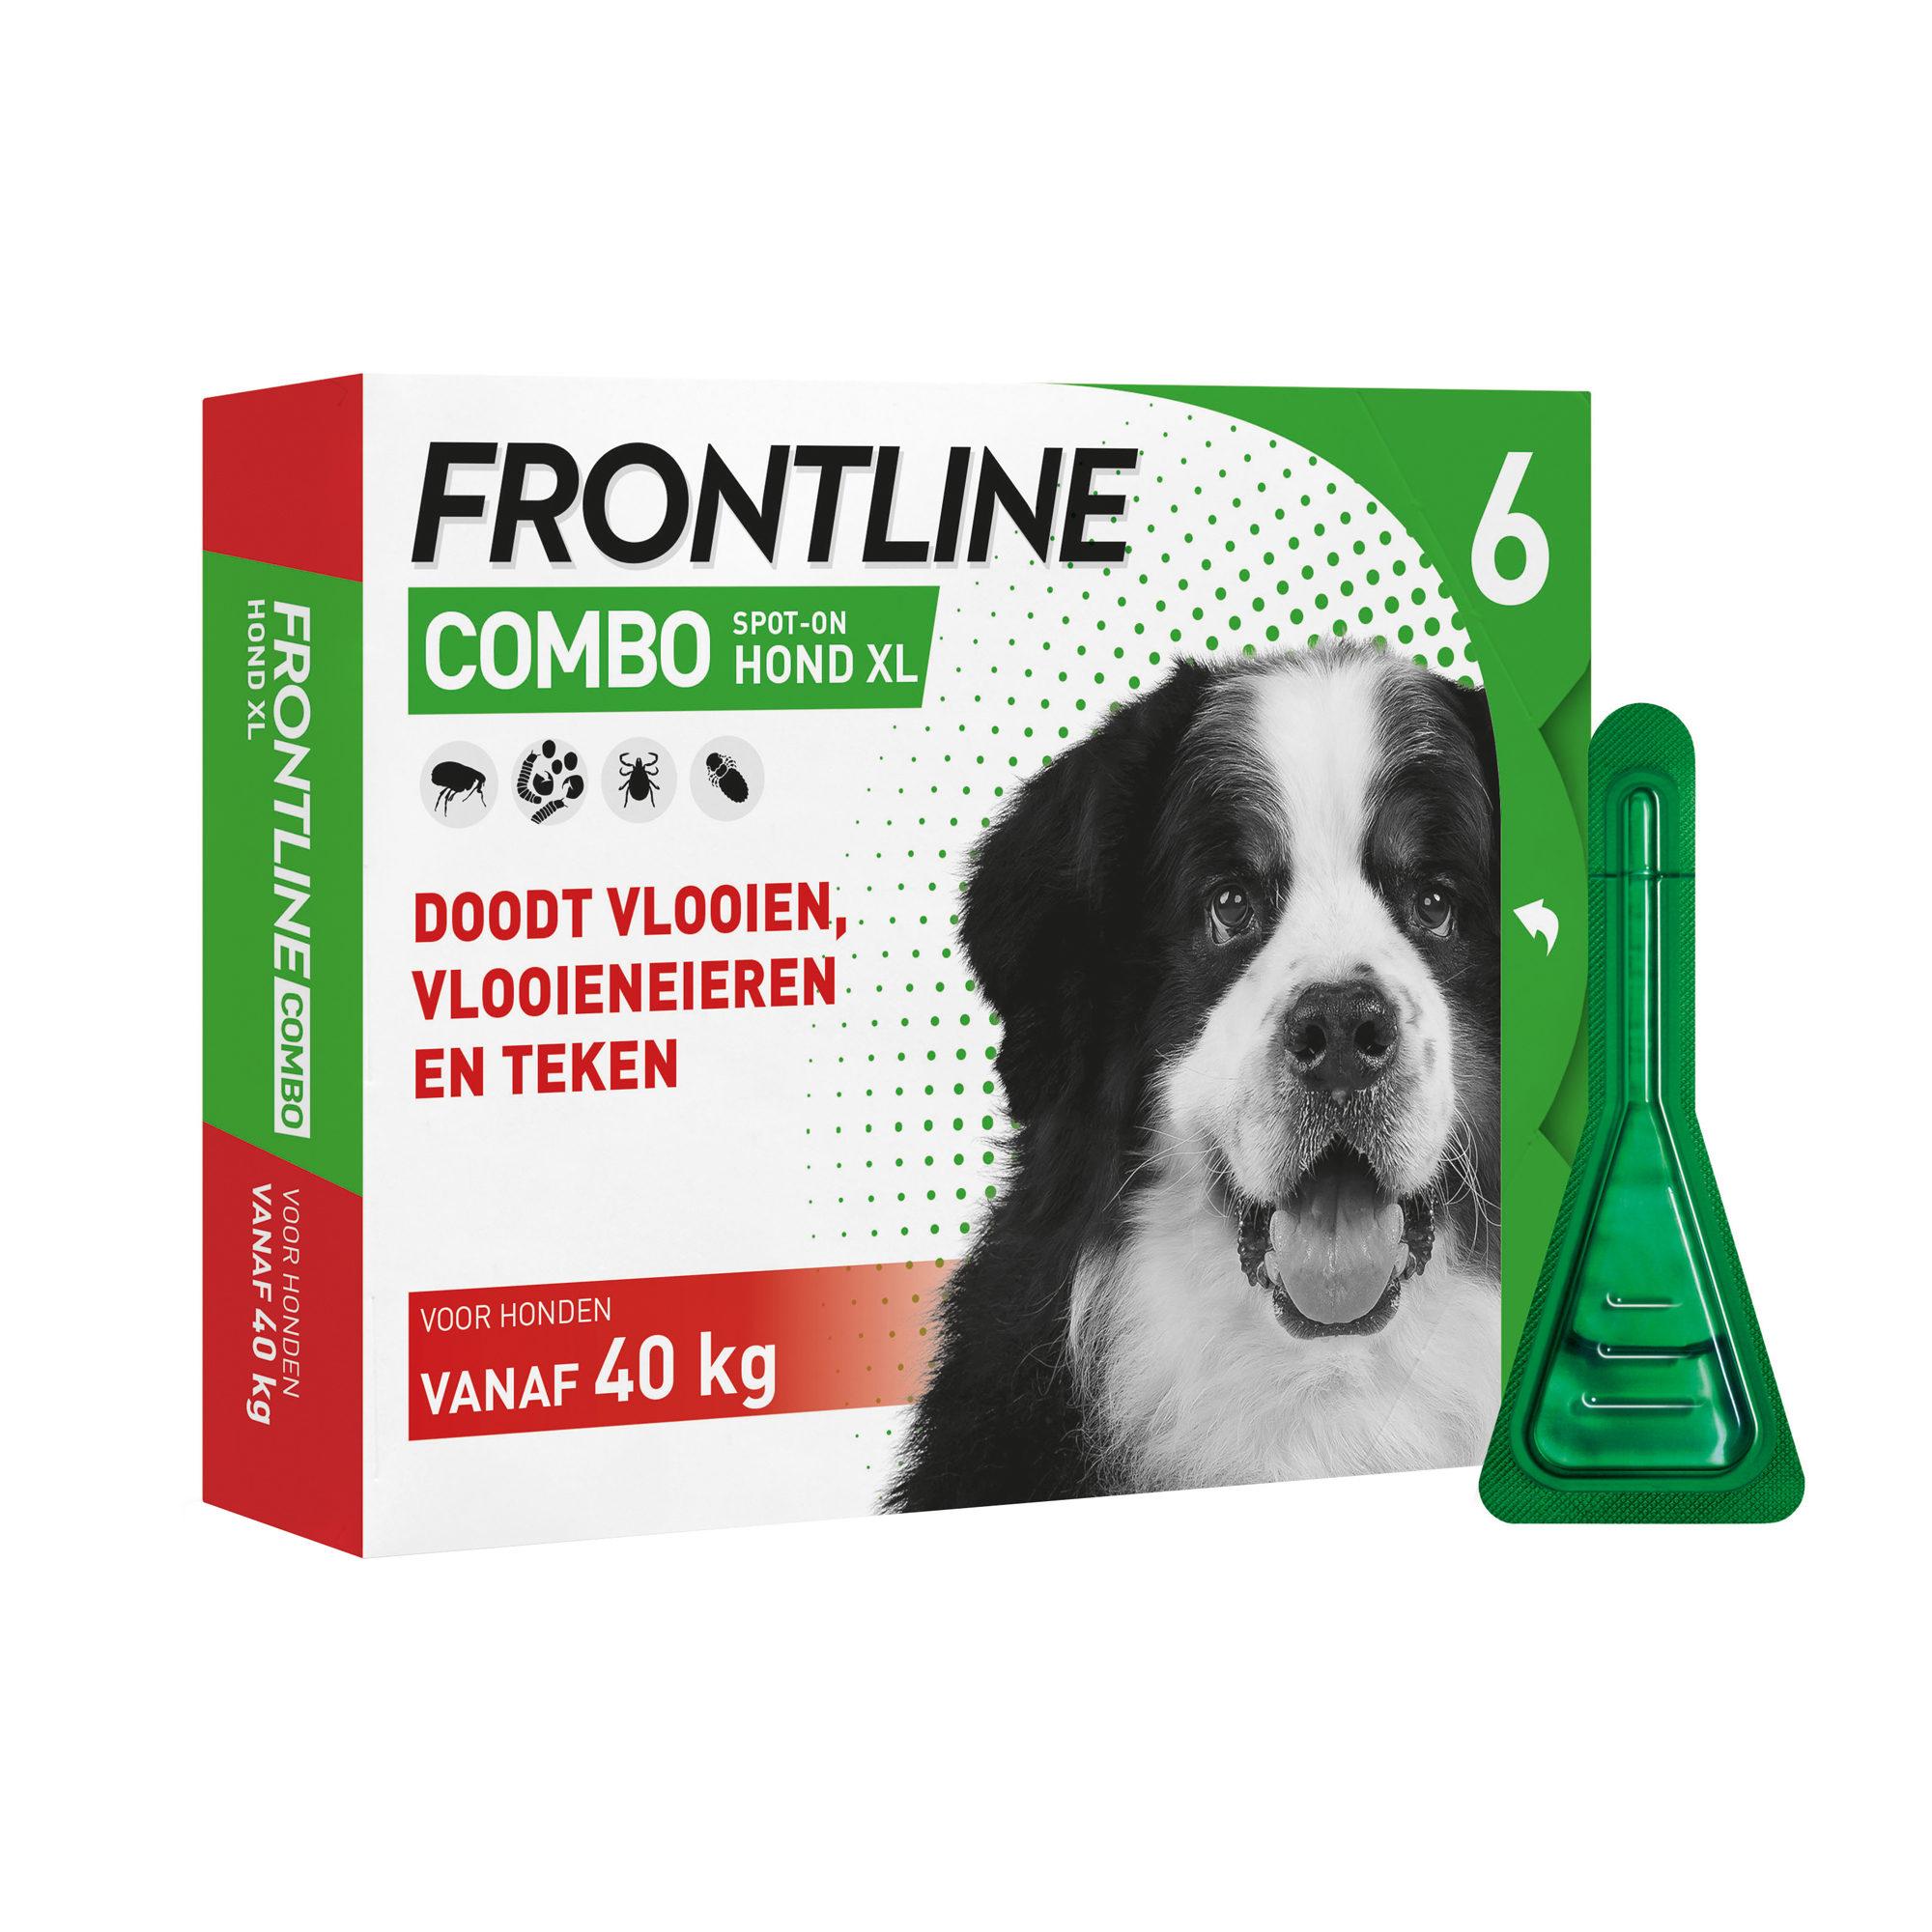 Frontline Combo Hund XL - 40 - 60 kg